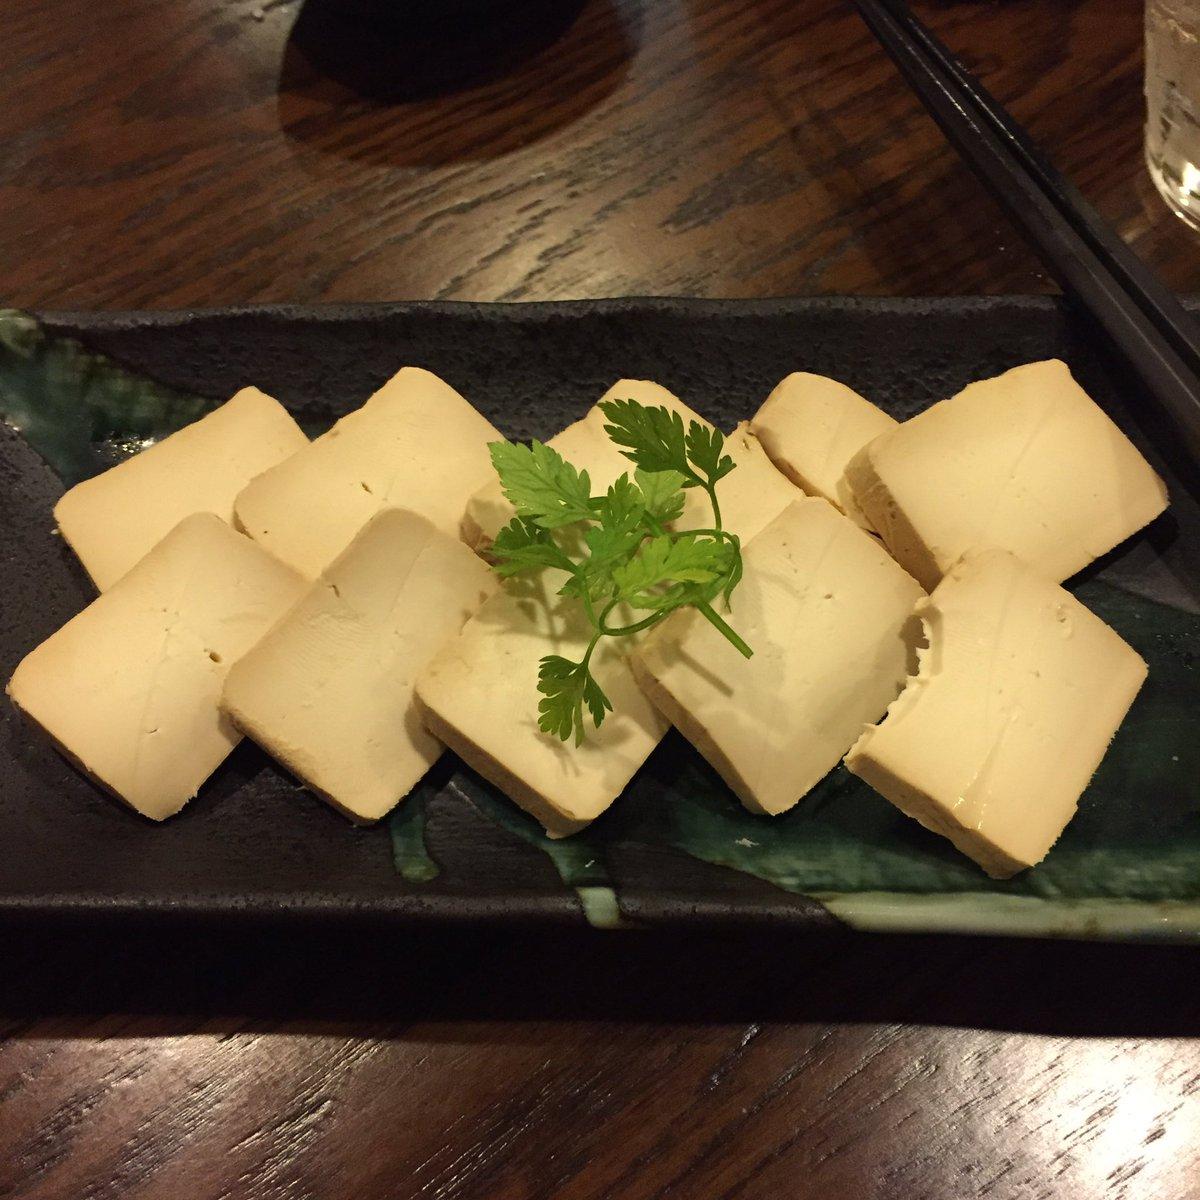 クリームチーズの味噌漬け。これも初めて食べたけど濃厚でおいしい https://t.co/97subrQYX1